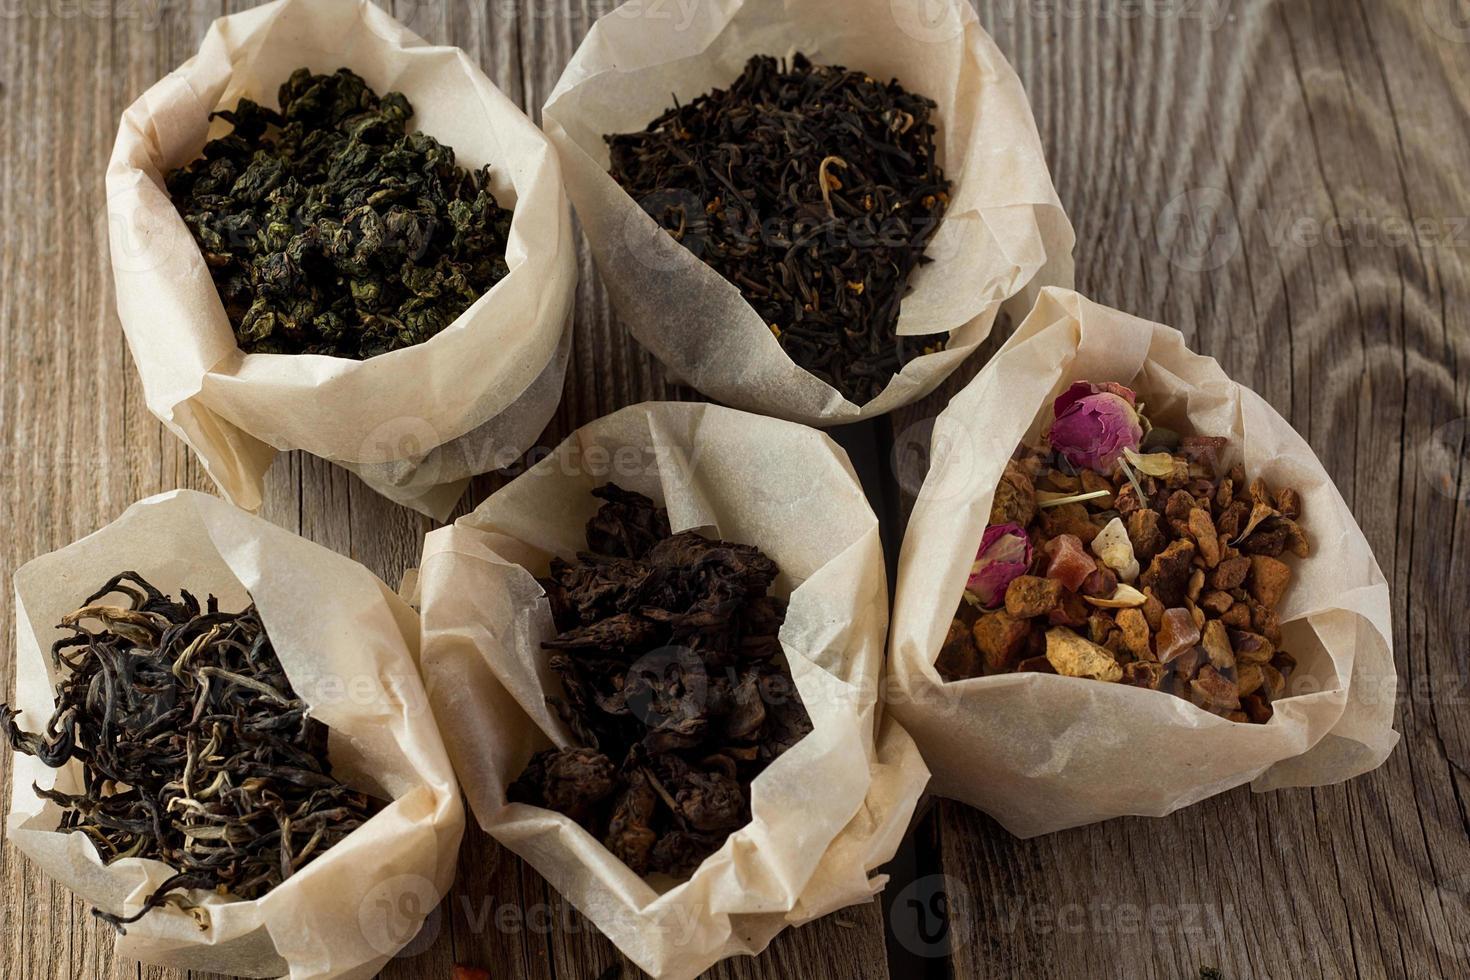 diversi tipi di tè in sacchetti di carta foto